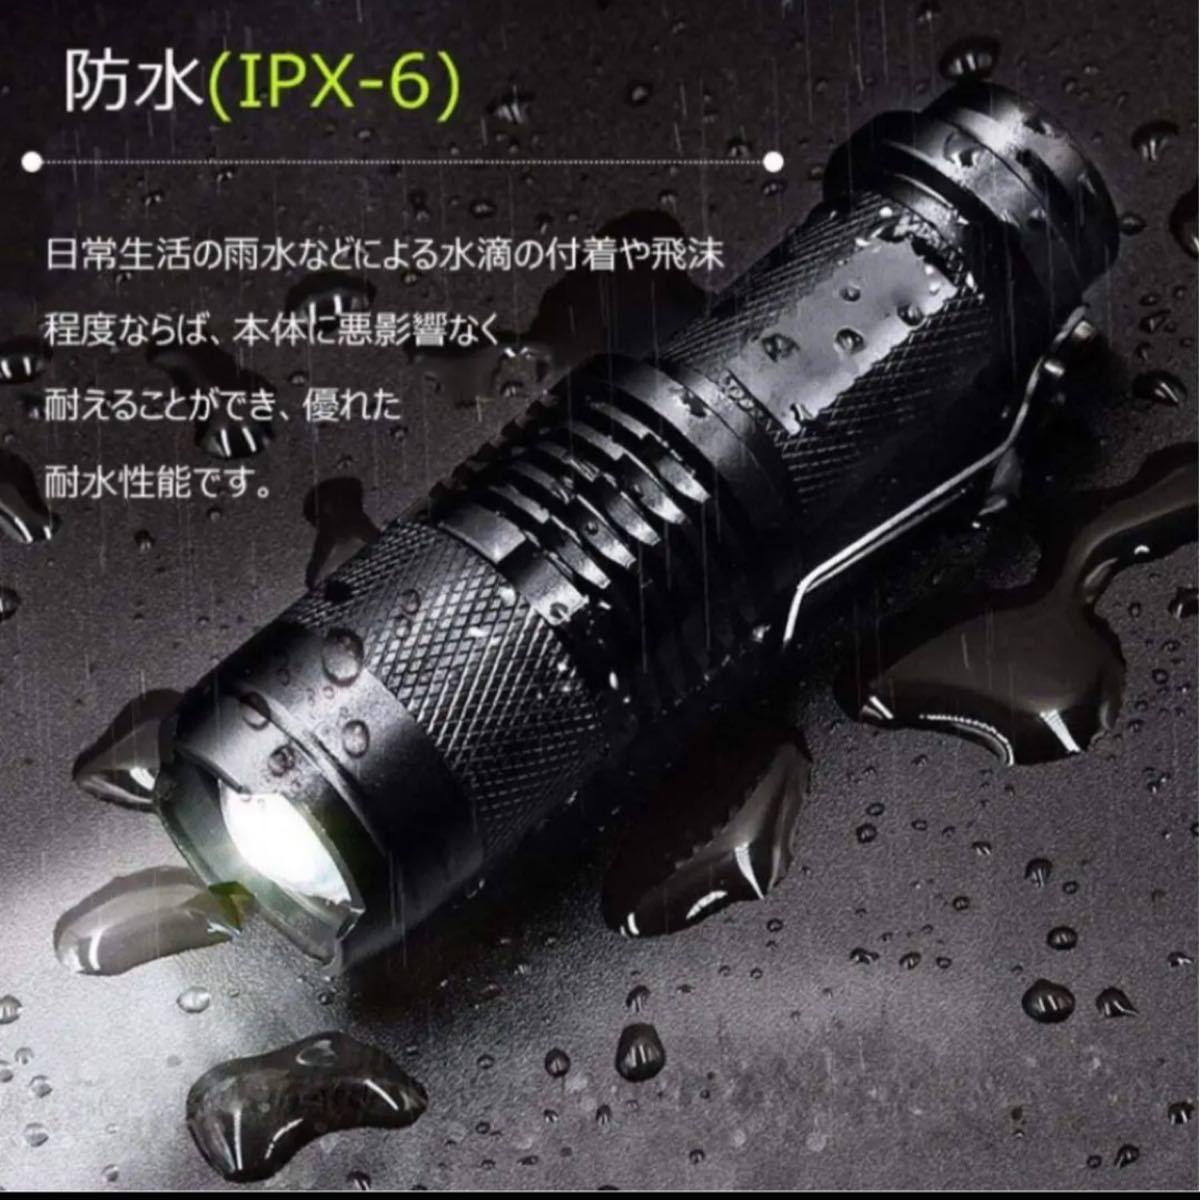 超小型 LED 懐中電灯 高輝度 軍用 ミニ ハンディライト ズーム式 3モード 停電防災対策防水ズーム LED